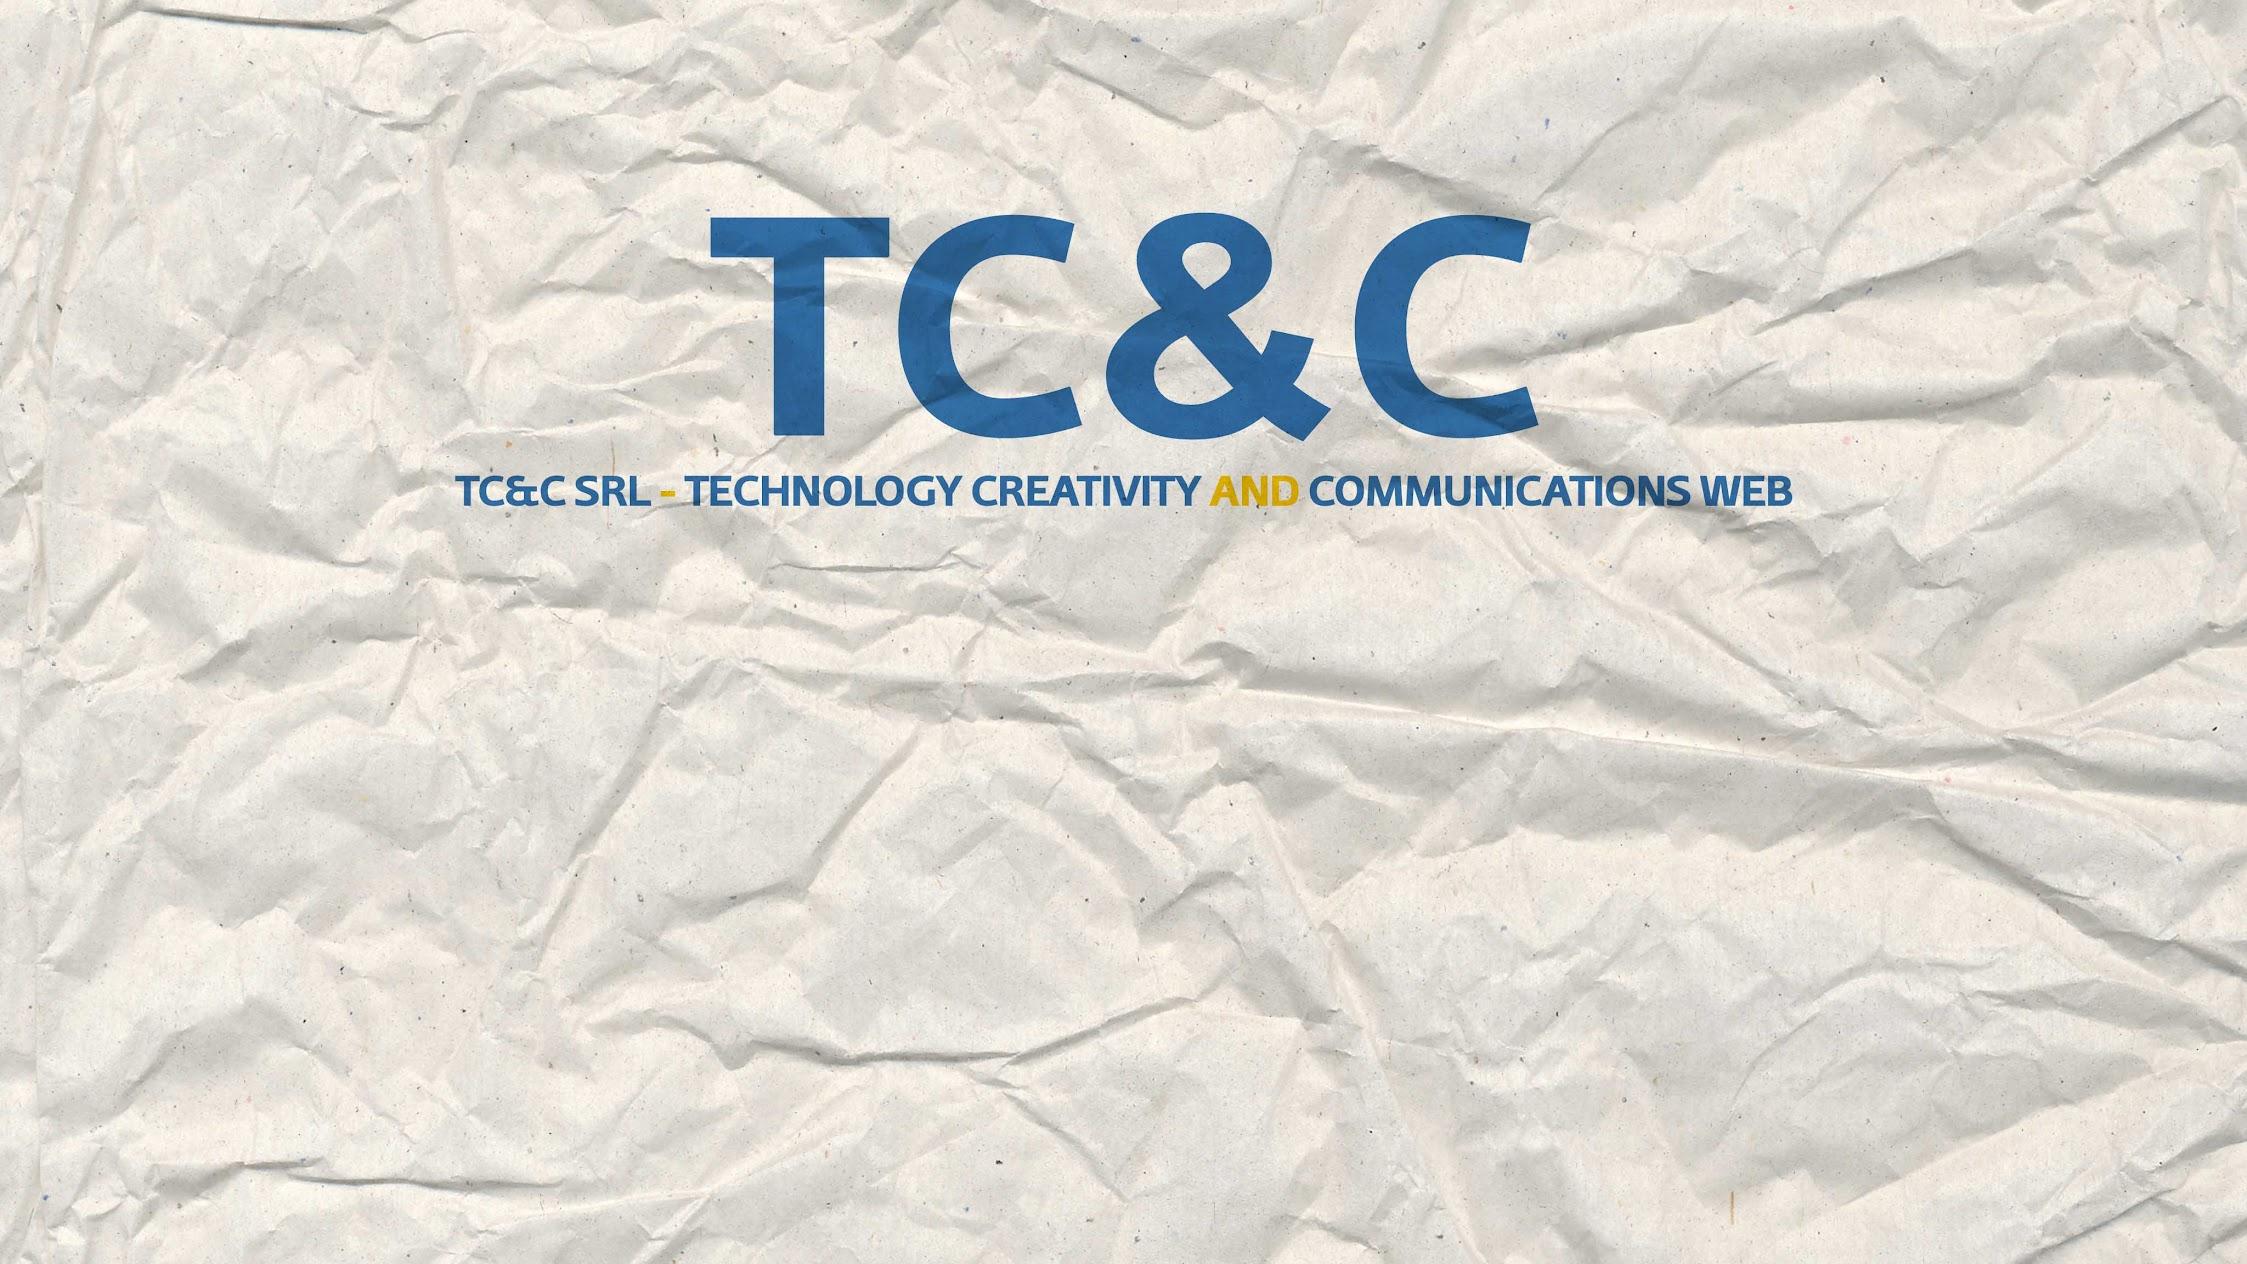 TC&C srl